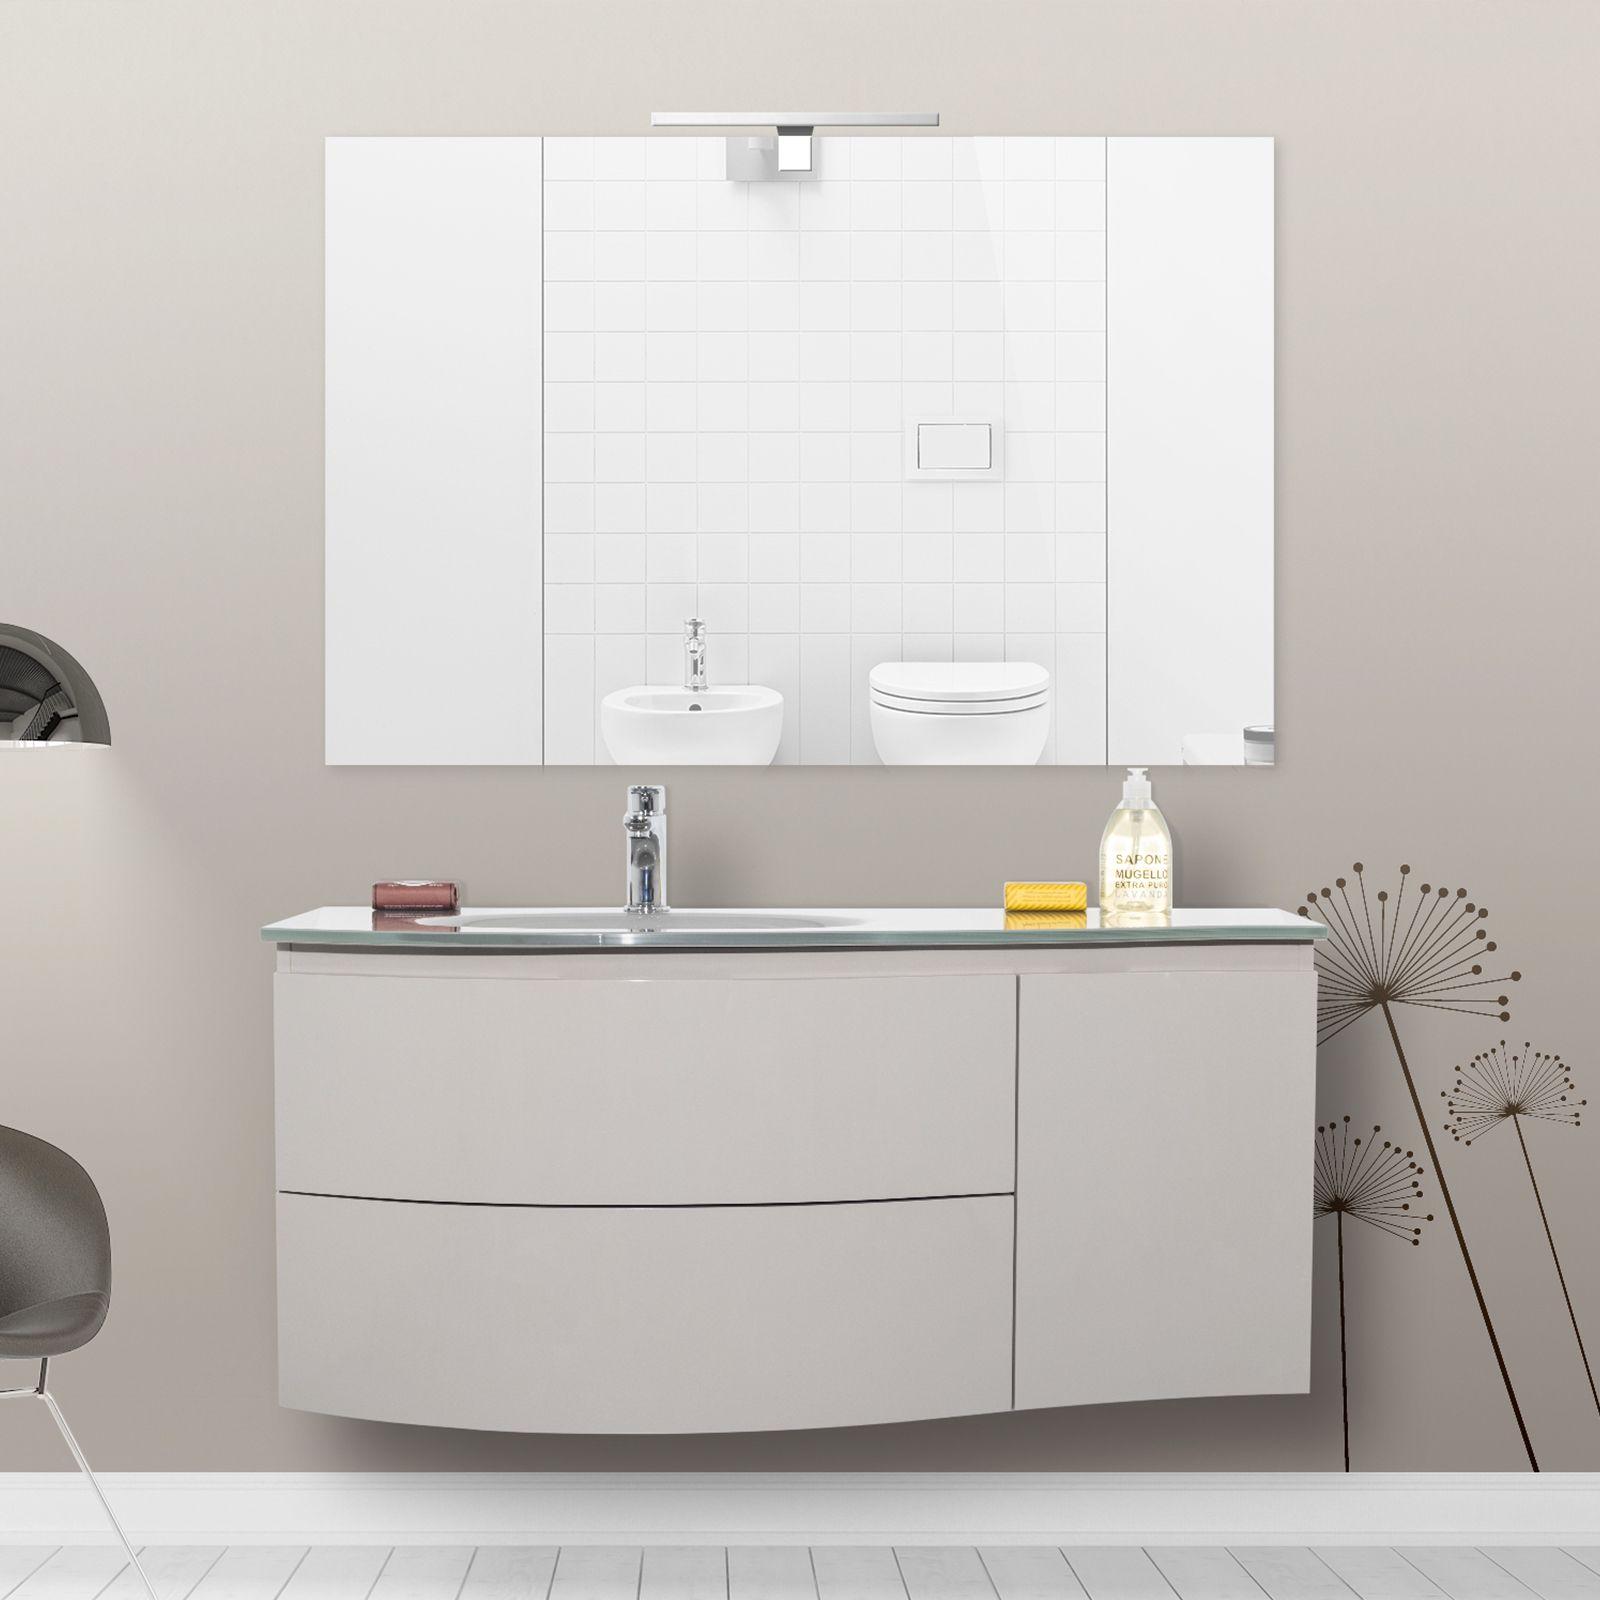 Mobile bagno asia3 110 cm con lavabo in cristallo - Bagno largo 110 cm ...